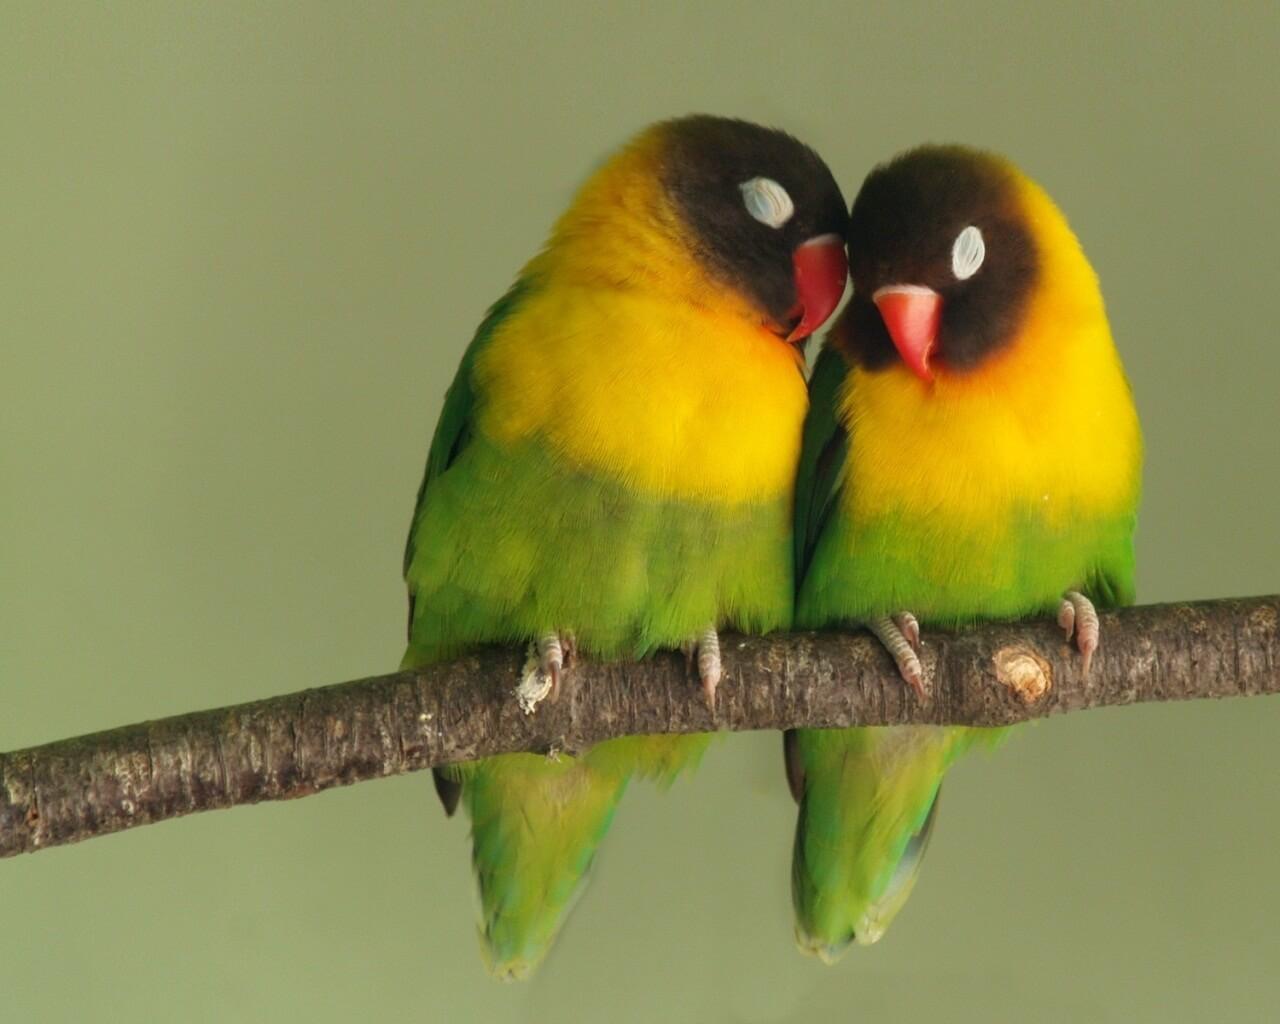 10 Ciri Ciri Lovebird Jantan Dan Betina Yang Perlu Diketahui